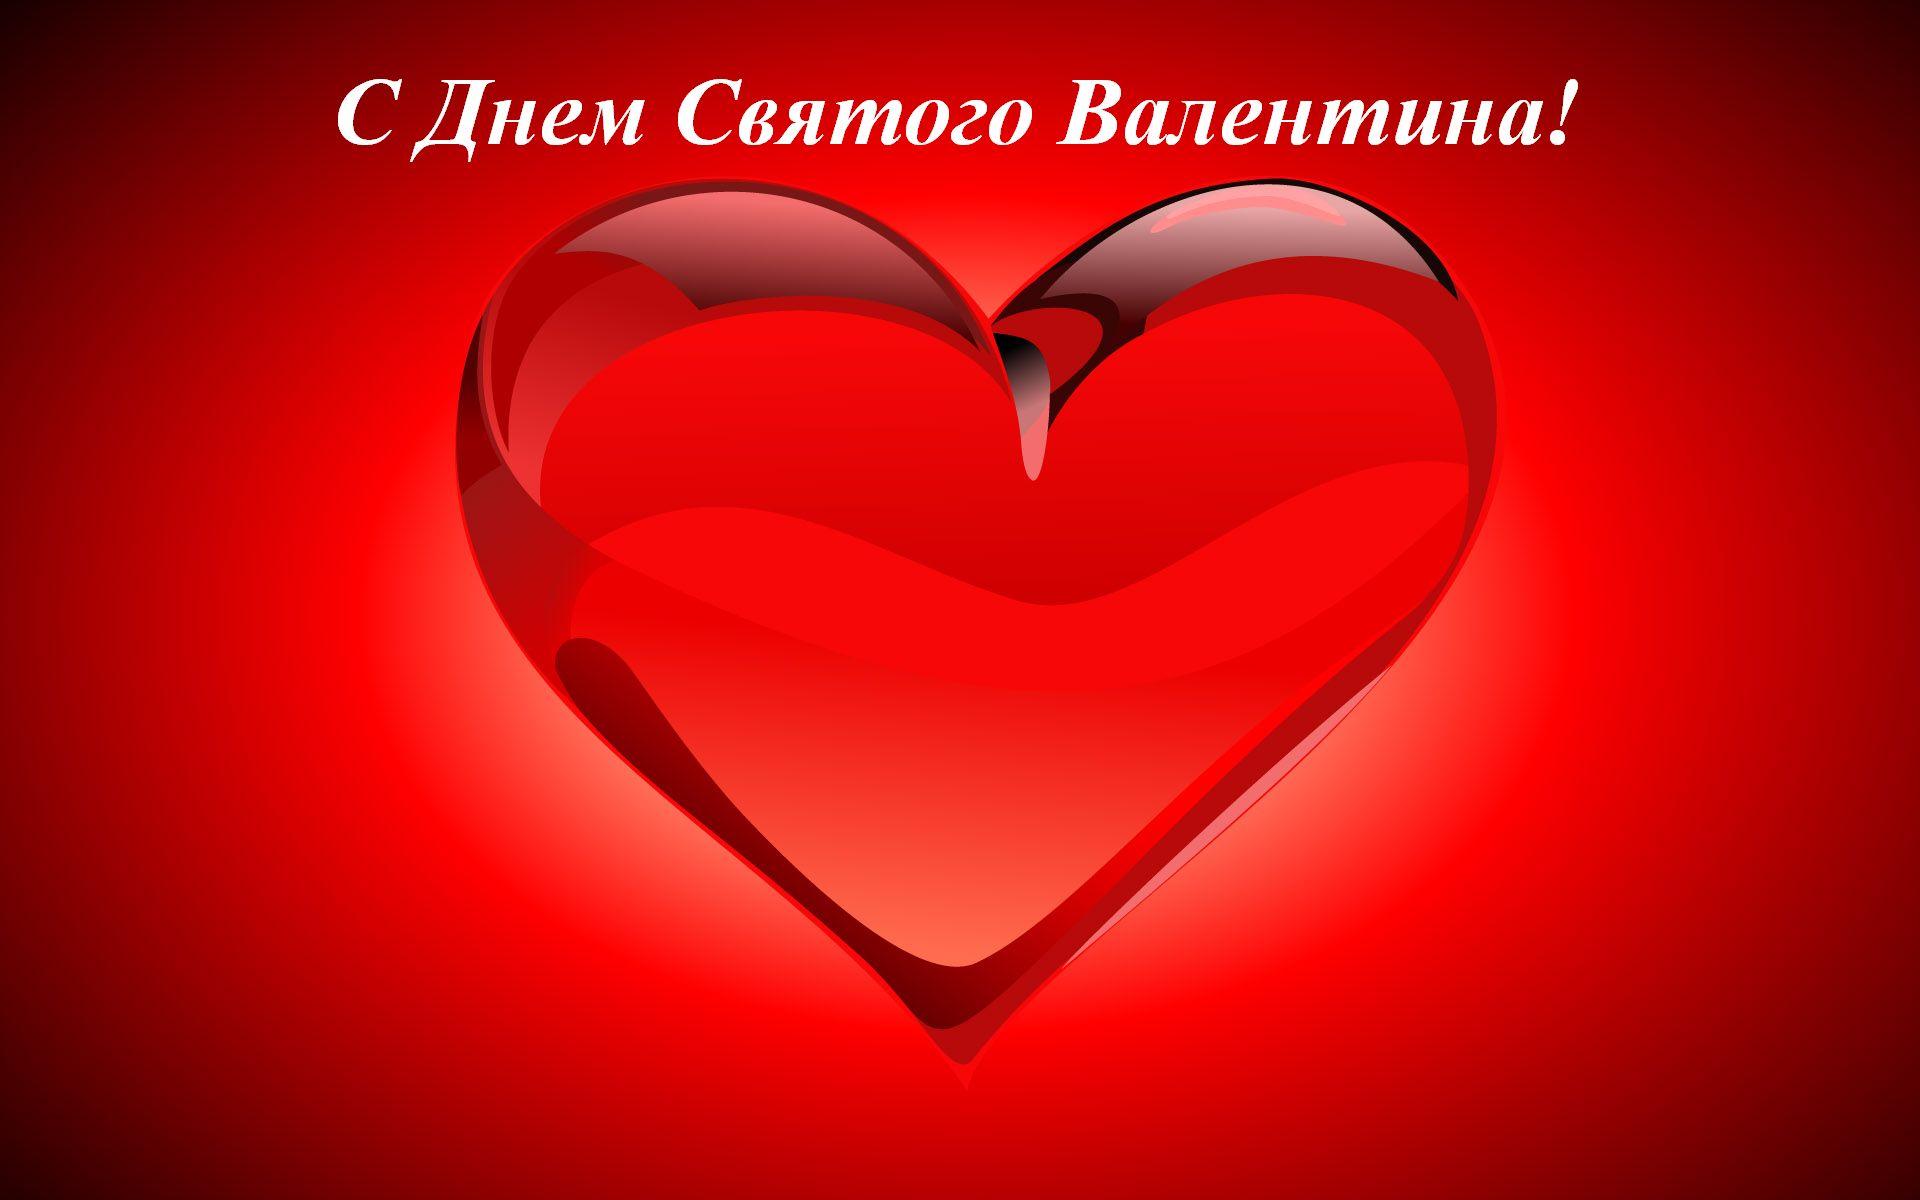 Любви – это день святого валентина